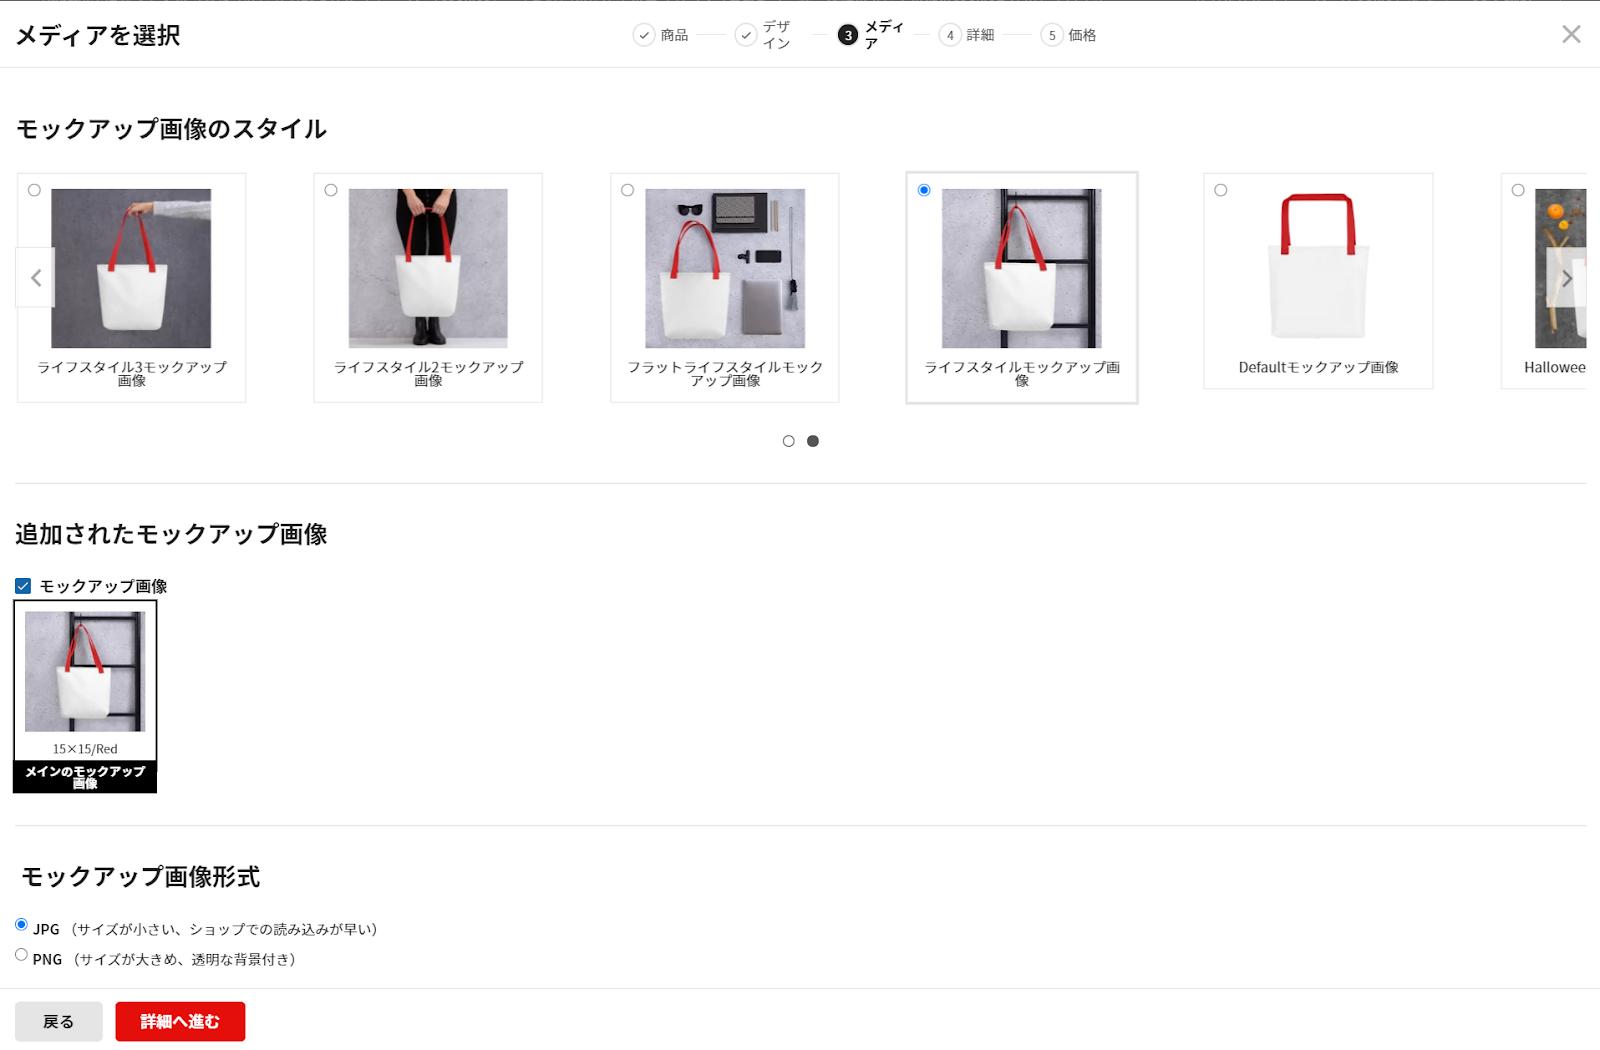 モックアップ選択画面画像